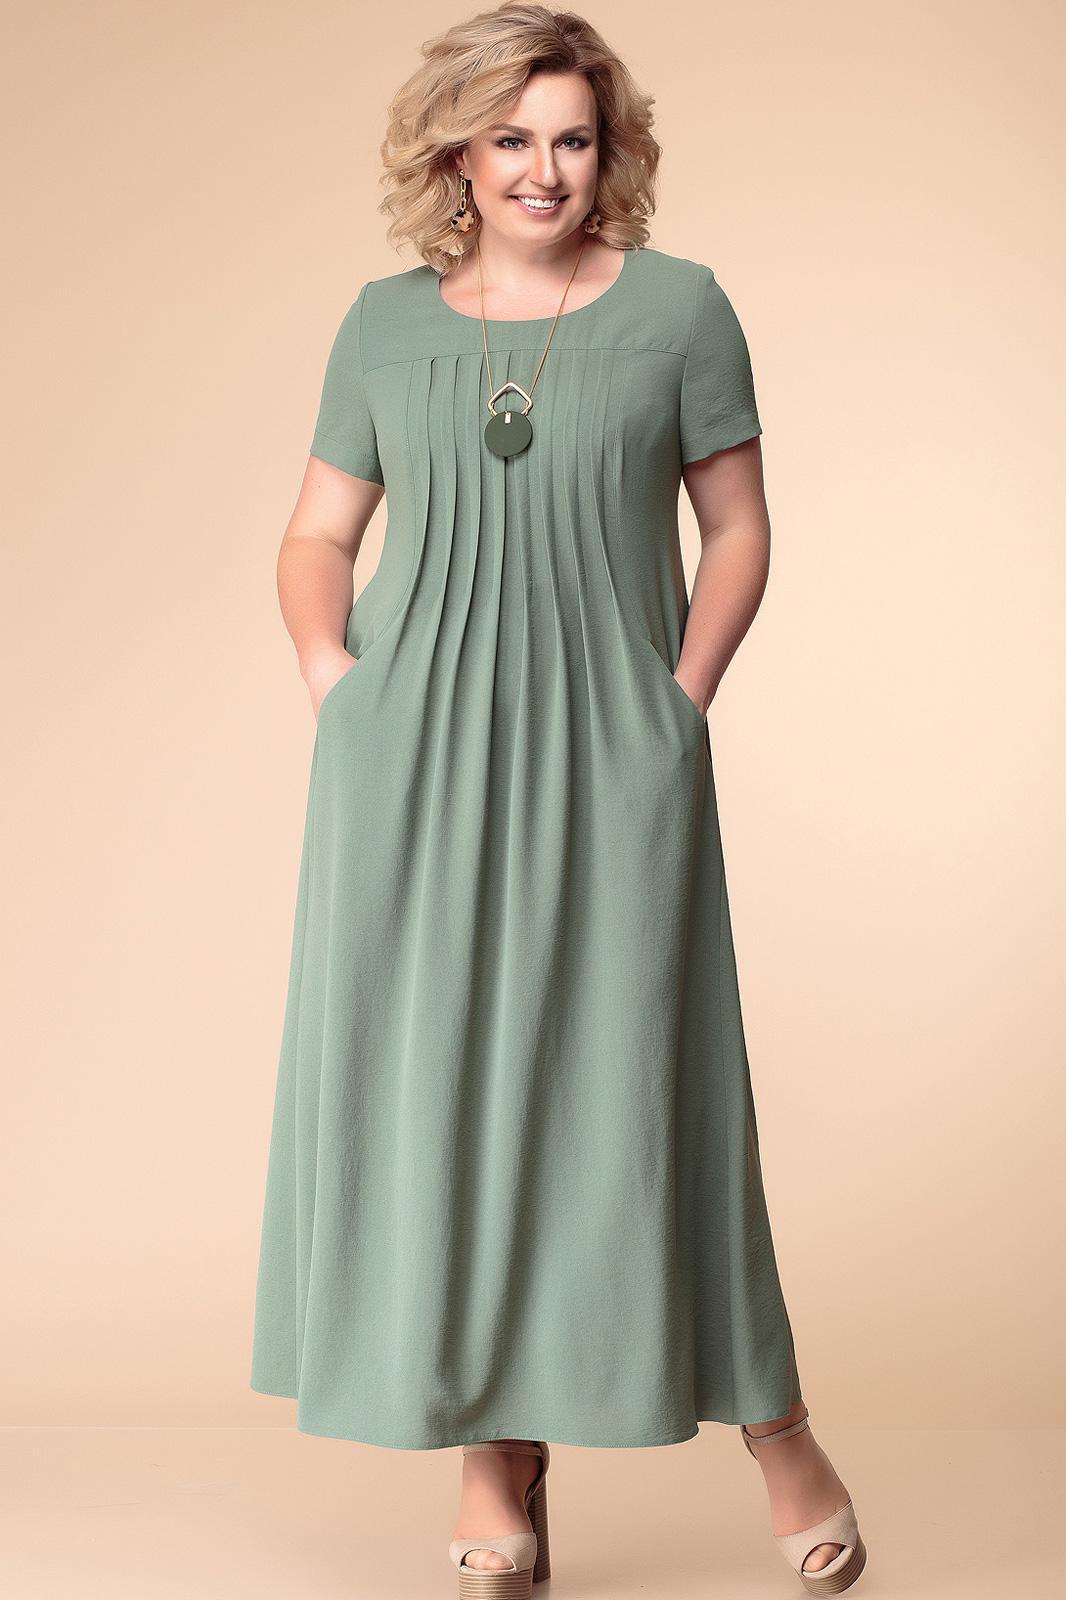 f56d681d9b9 Купить нарядное платье большого размера. Нарядные платья для полных